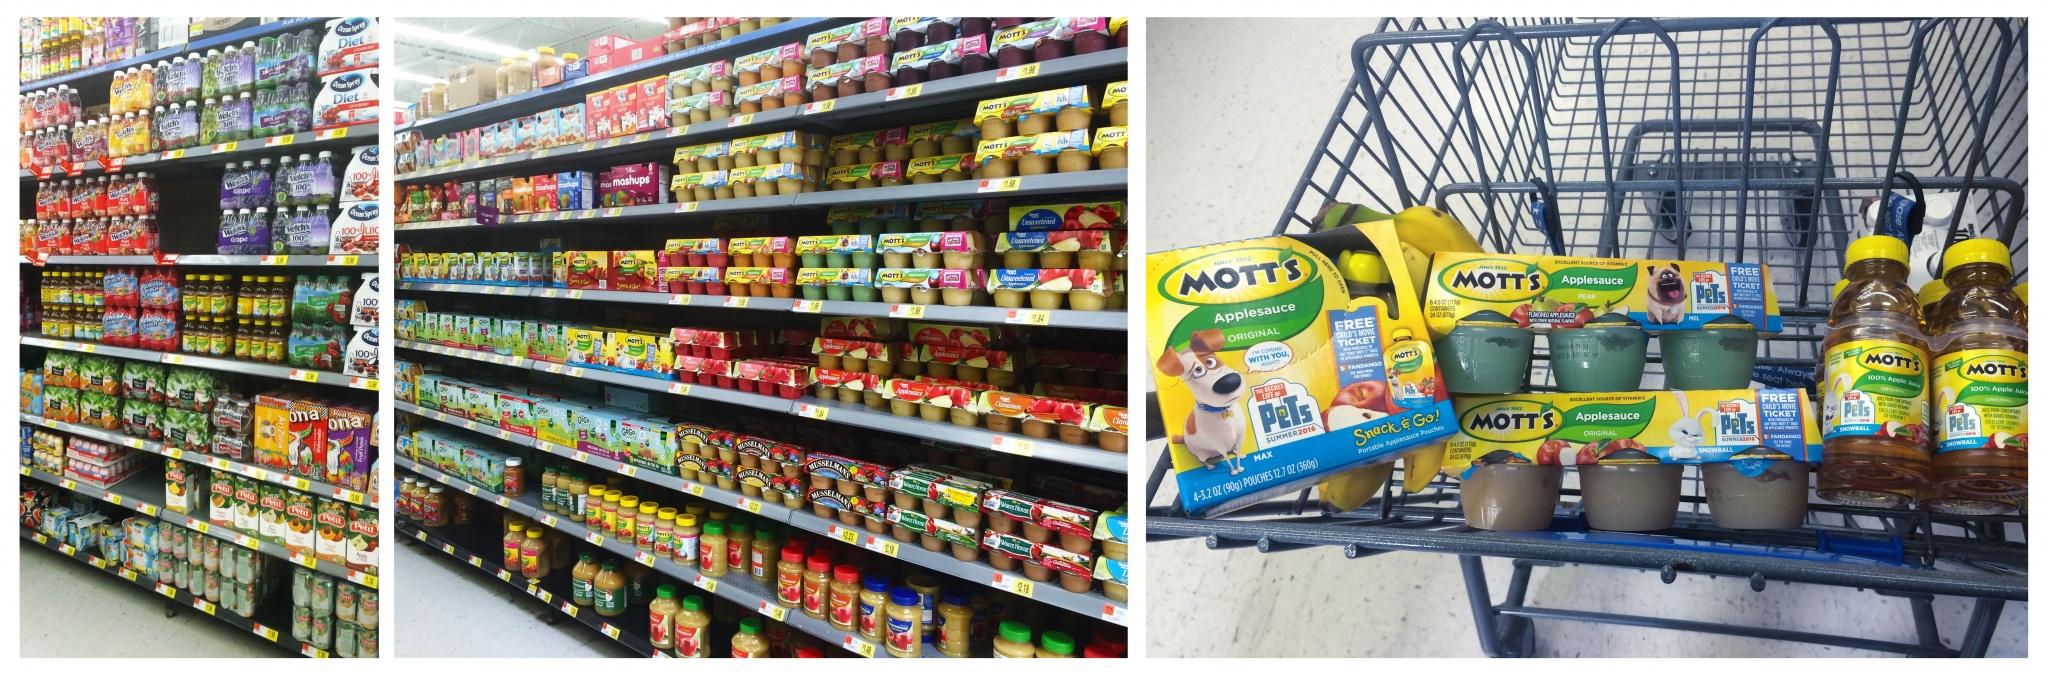 Mott's at Walmart